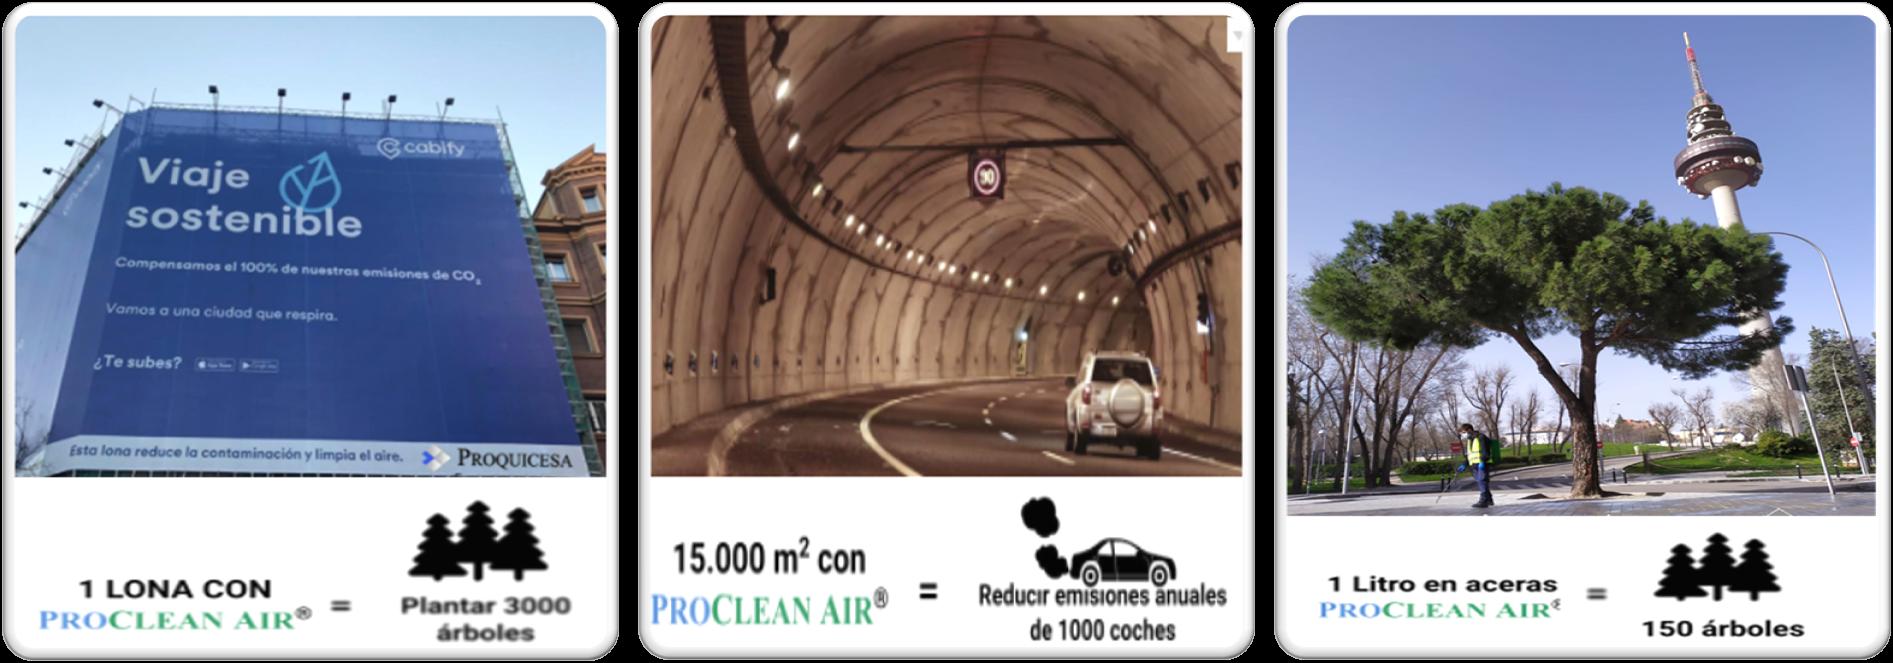 ProcleanAir protege madrid en lonas, tuneles y aceras